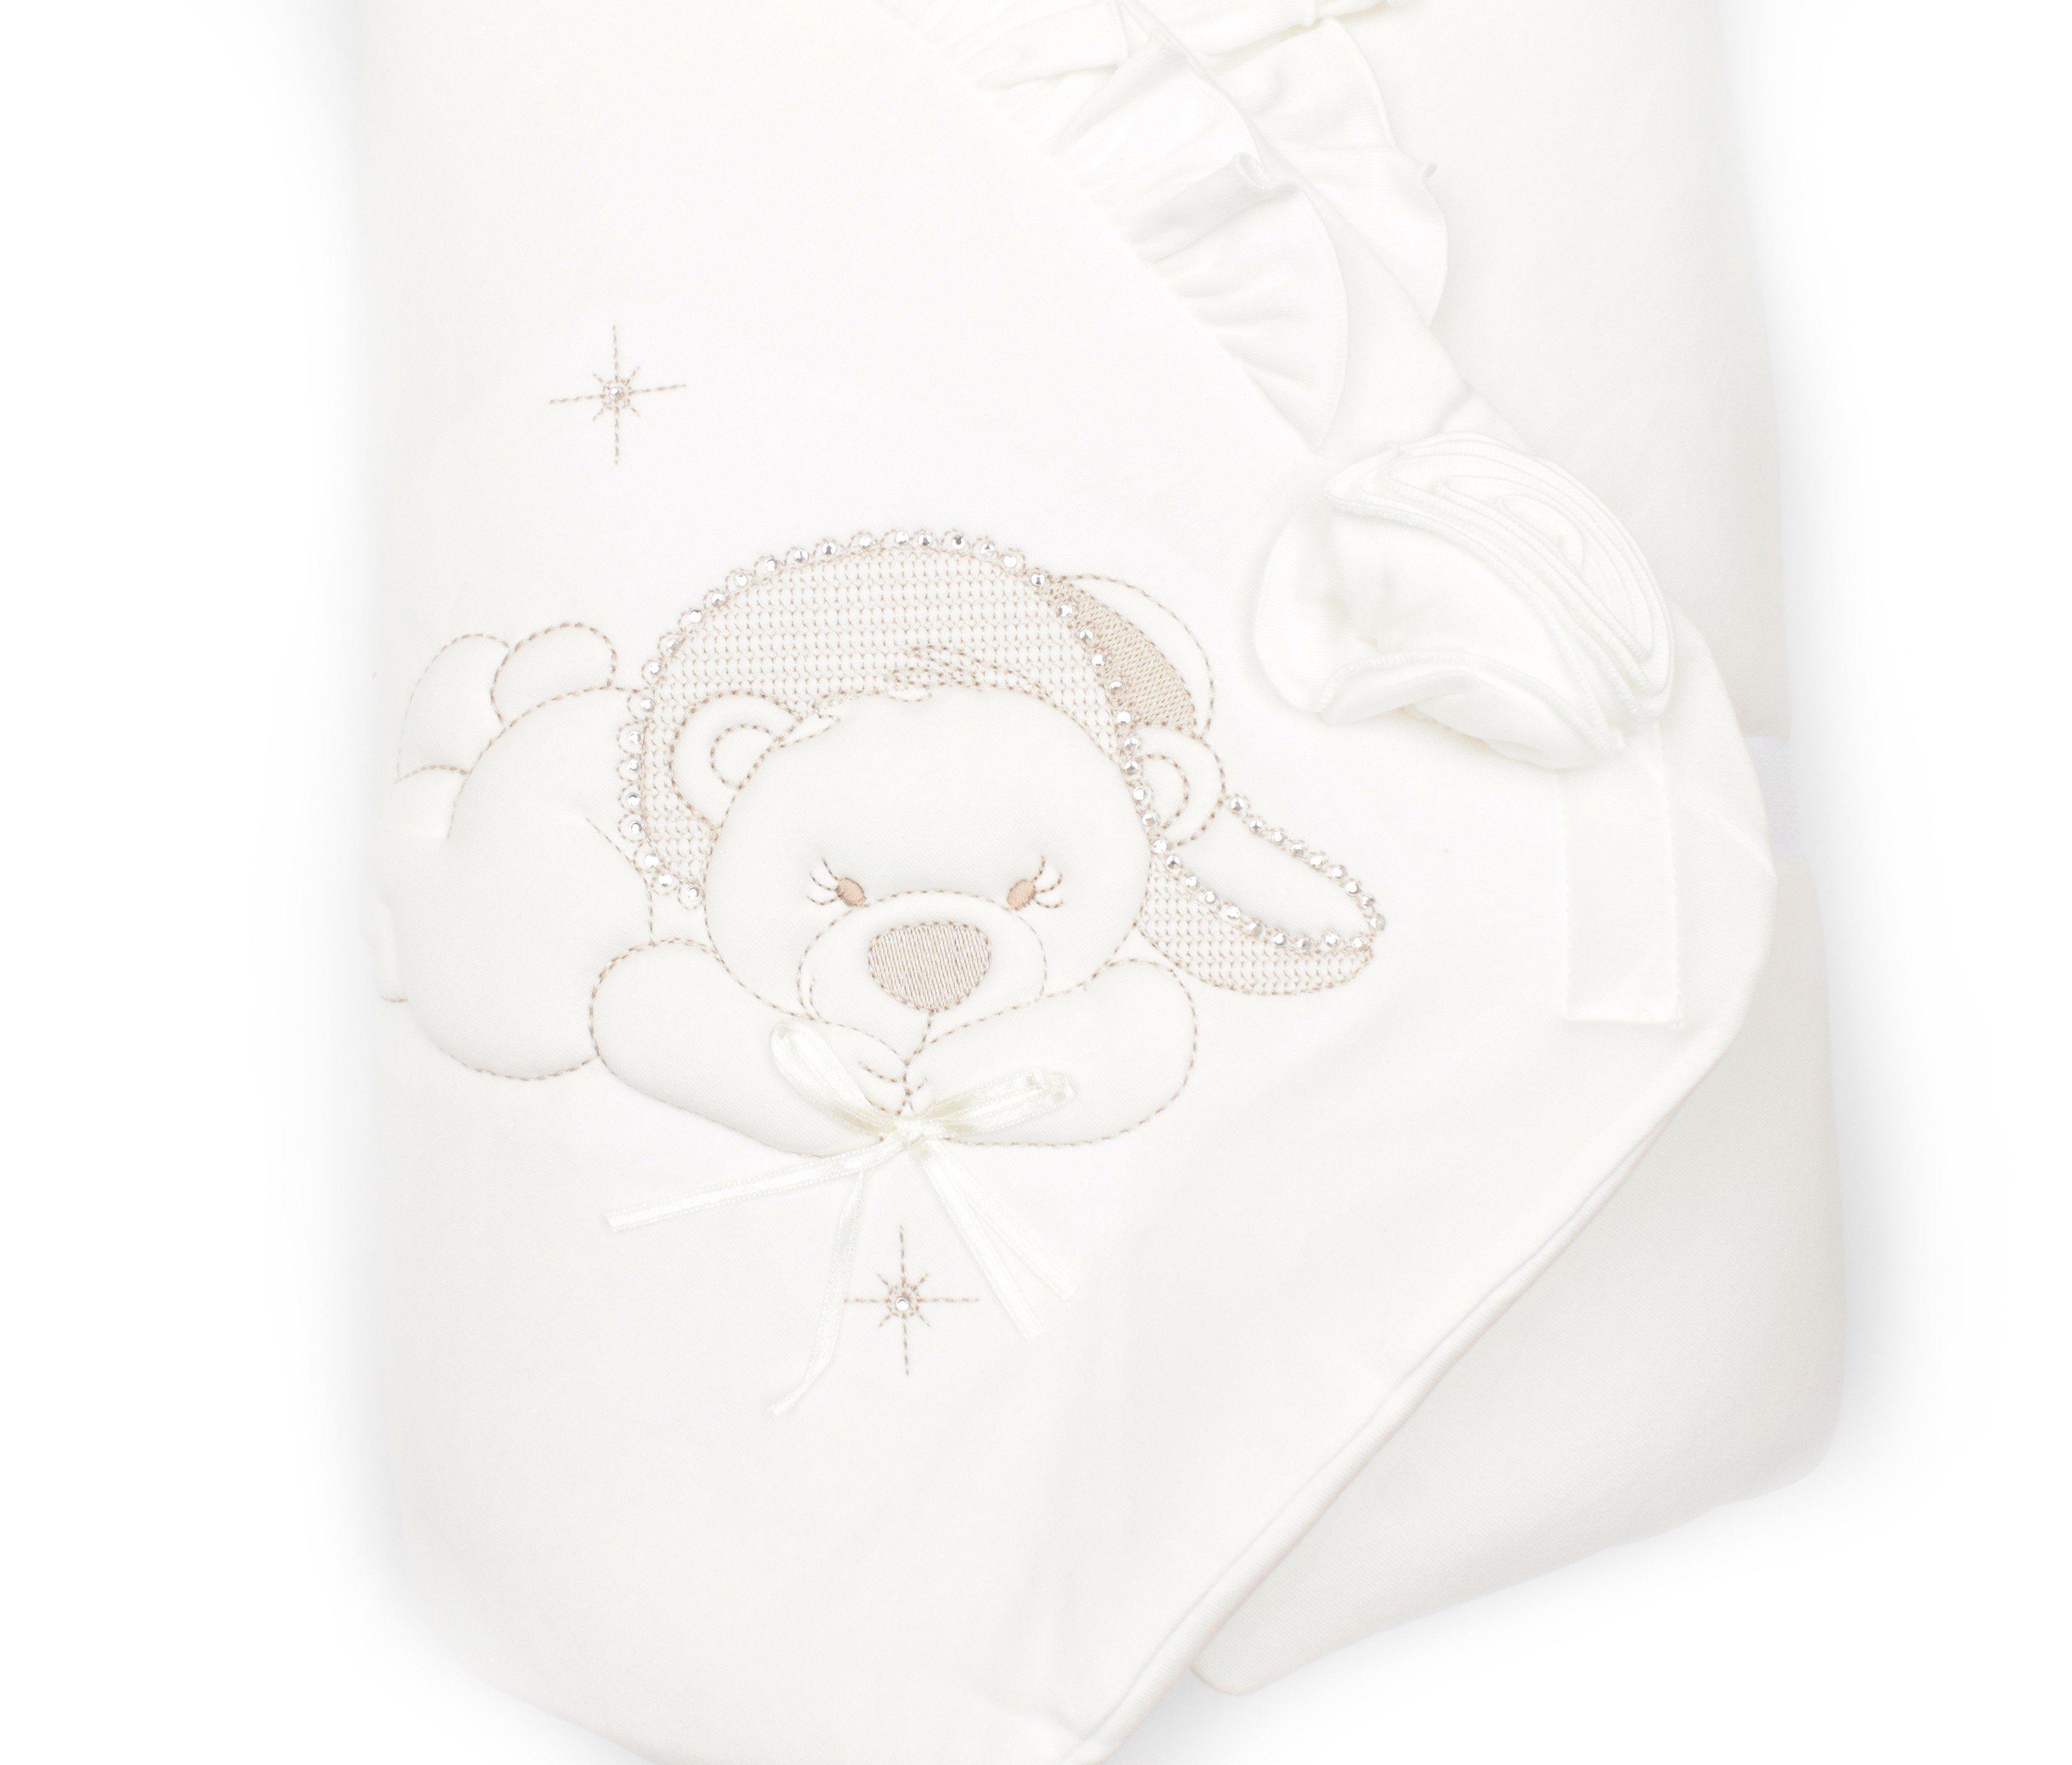 Объявления о продаже конвертов для новорожденных (на выписку, на прогулку, на зиму) в туле: спальные мешки и конверты-мешки по доступным ценам.